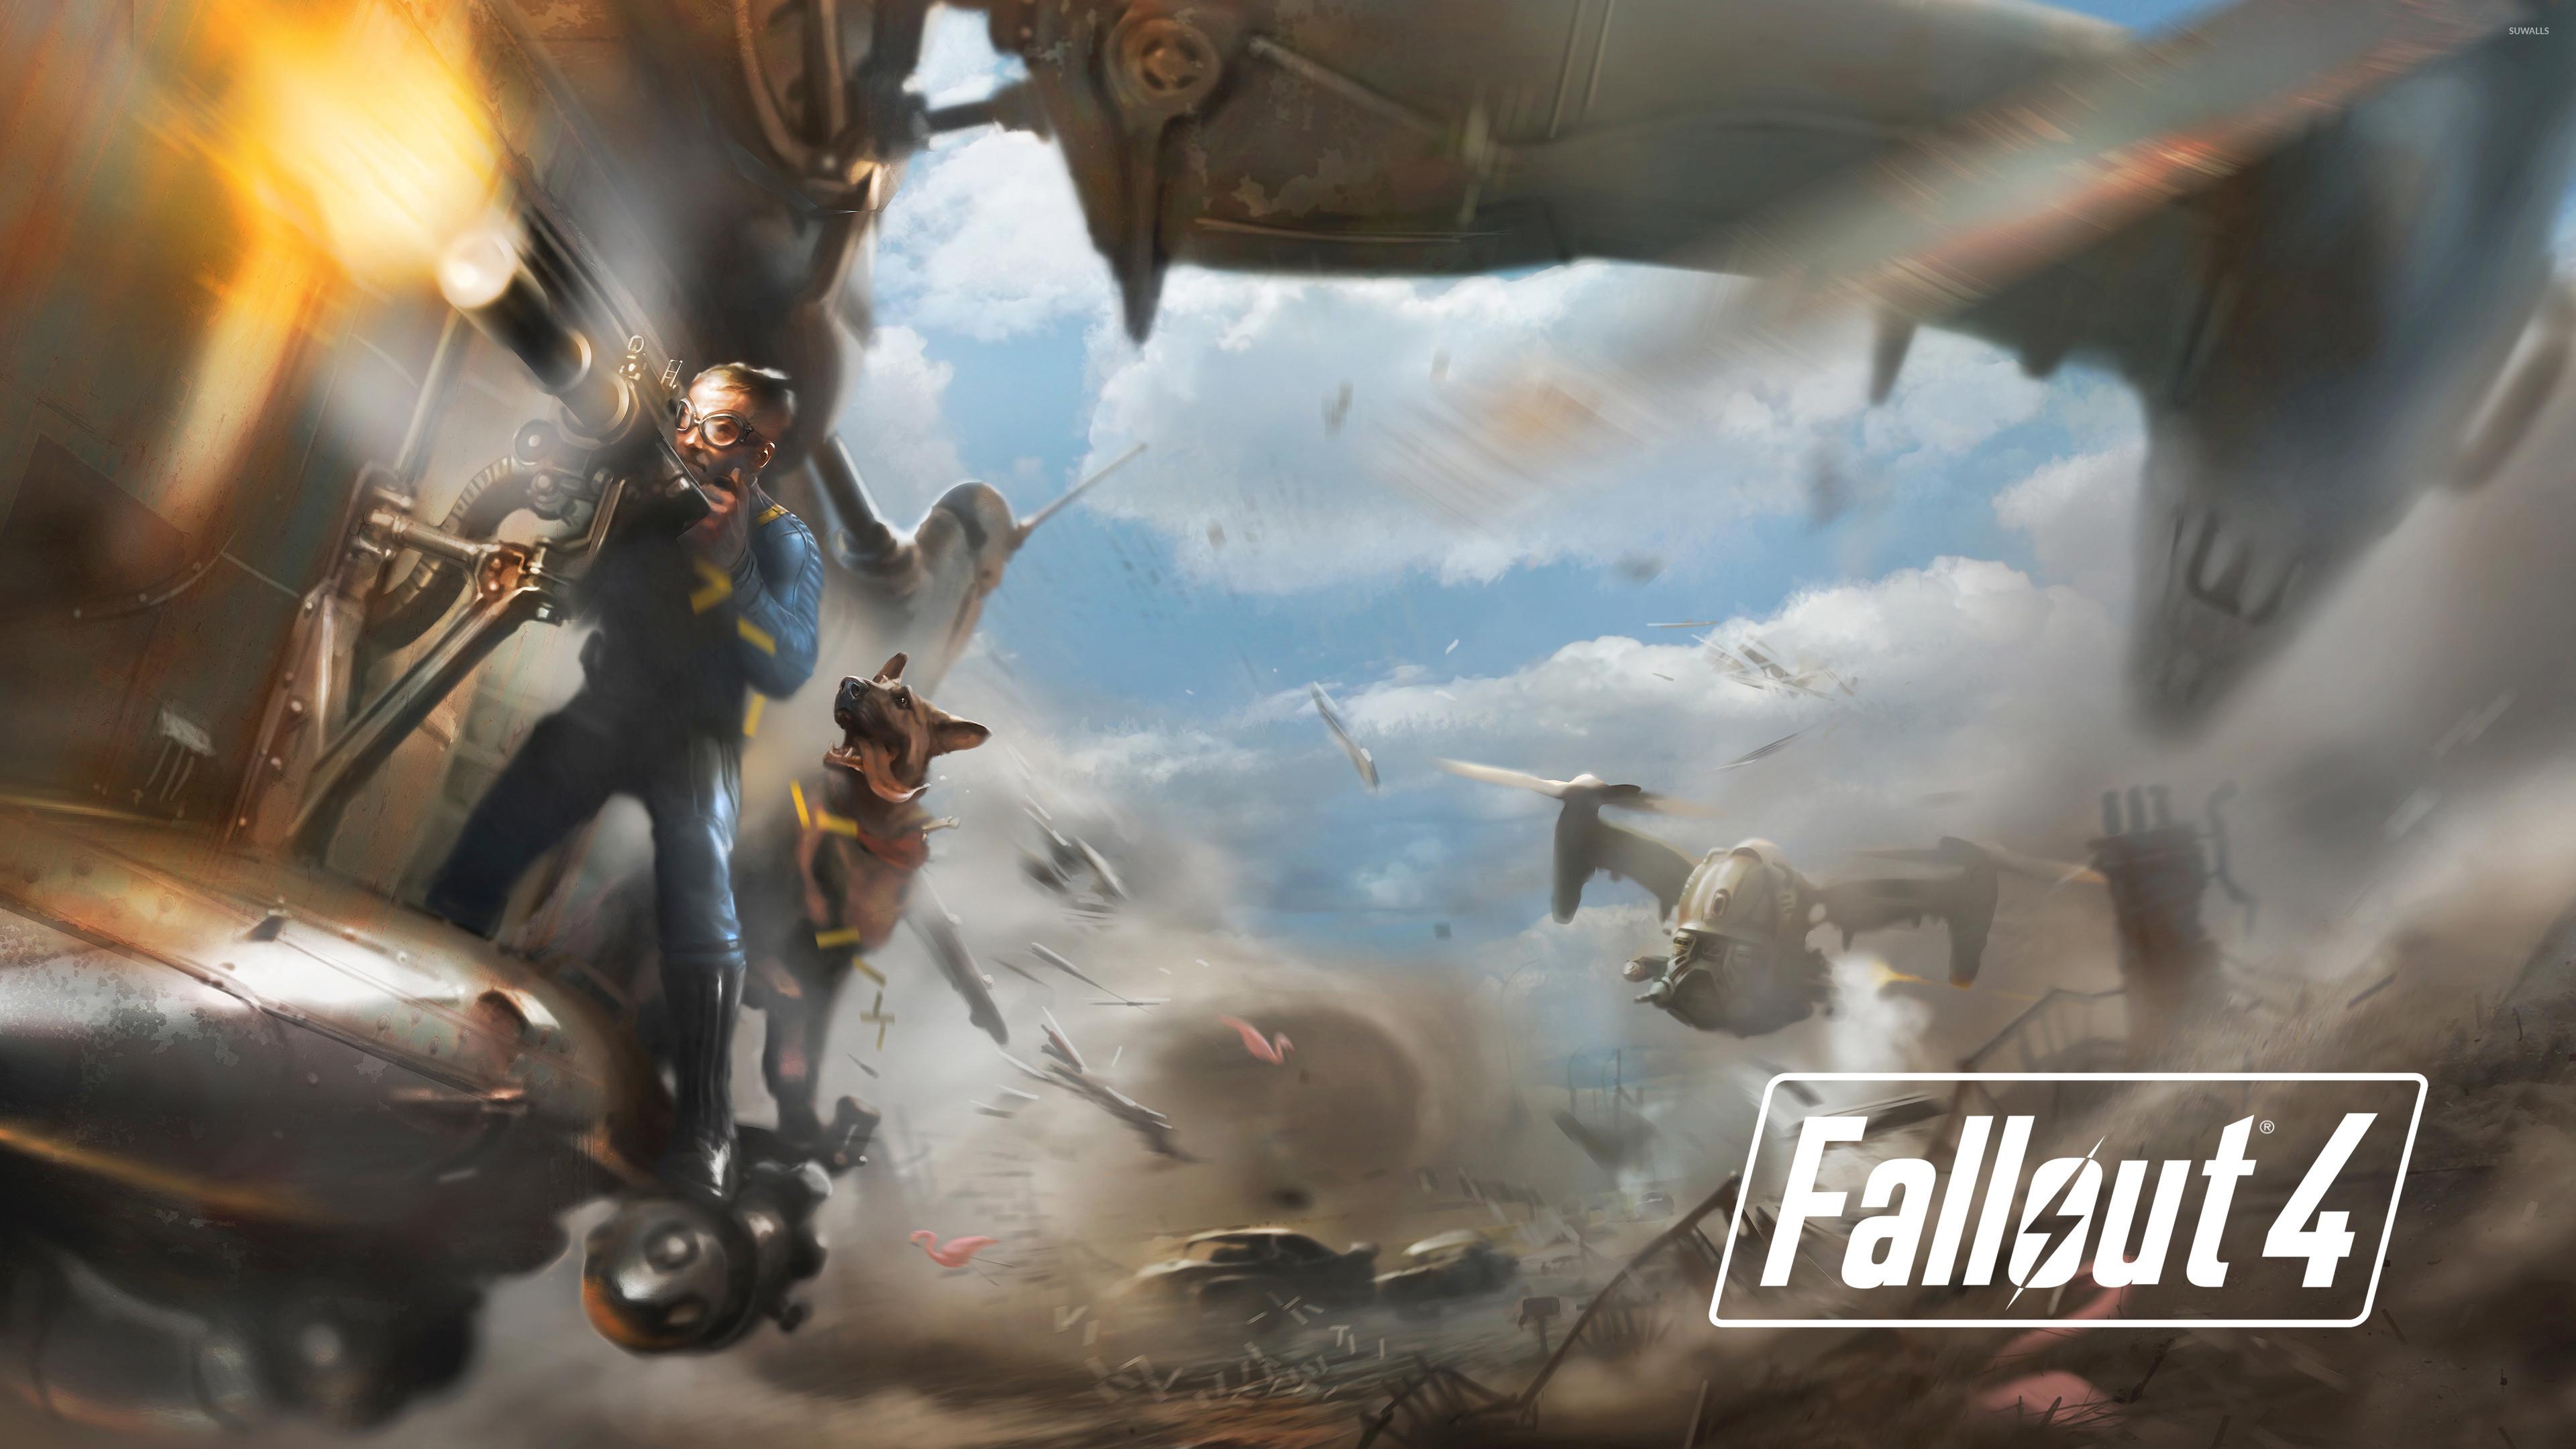 Battle in Fallout 4 wallpaper jpg